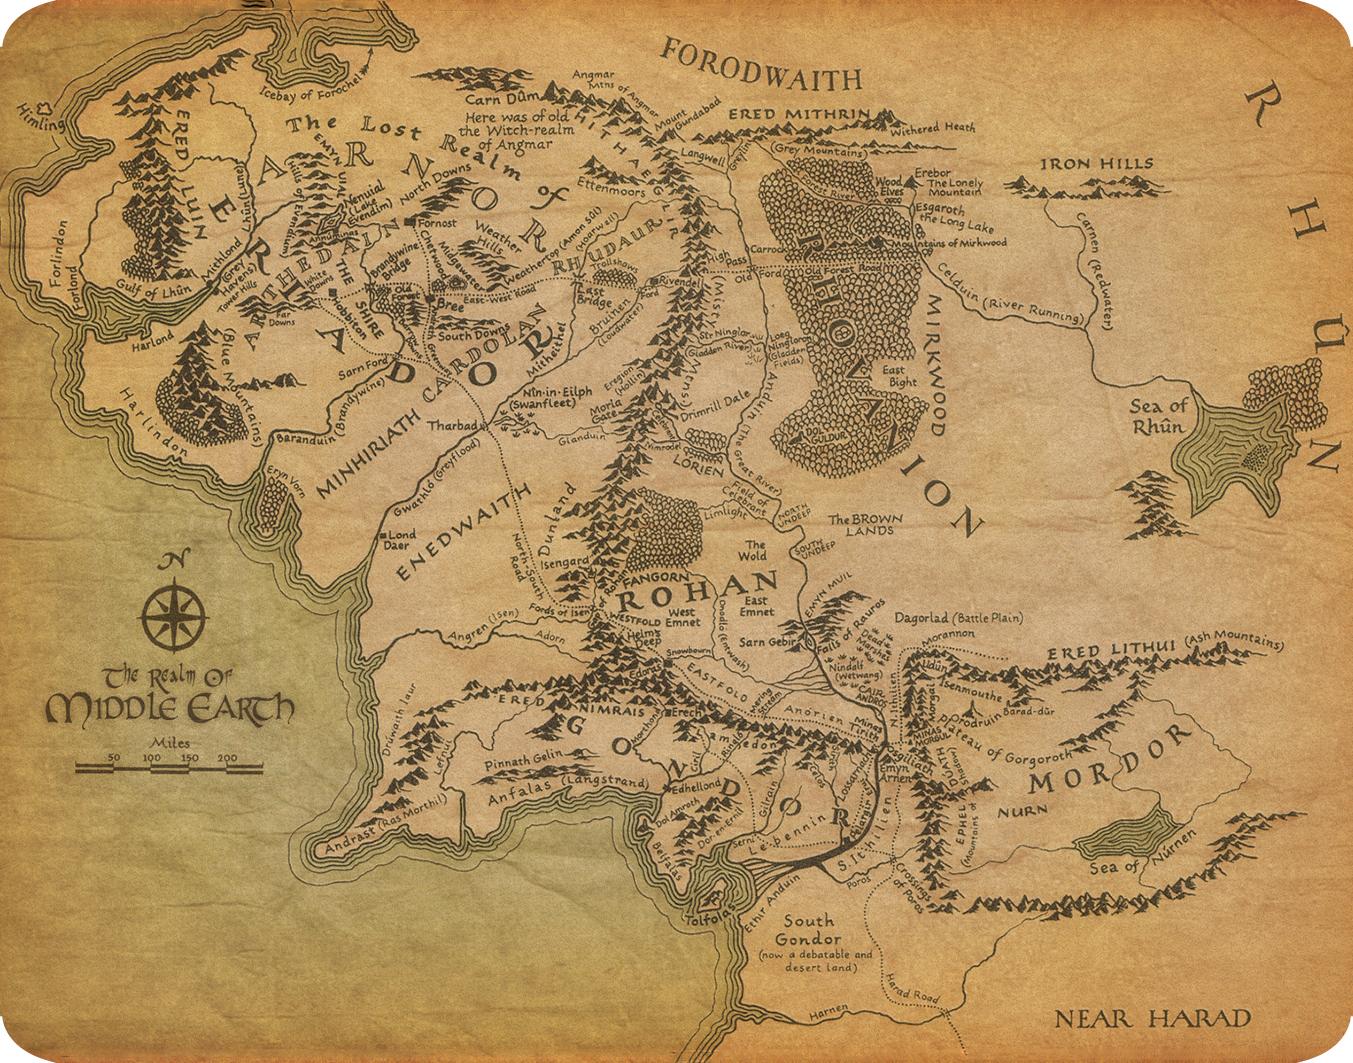 mapa senhor dos aneis Mouse pad   Mapa do Senhor dos Aneis no Elo7 | The Only   T Shirts  mapa senhor dos aneis